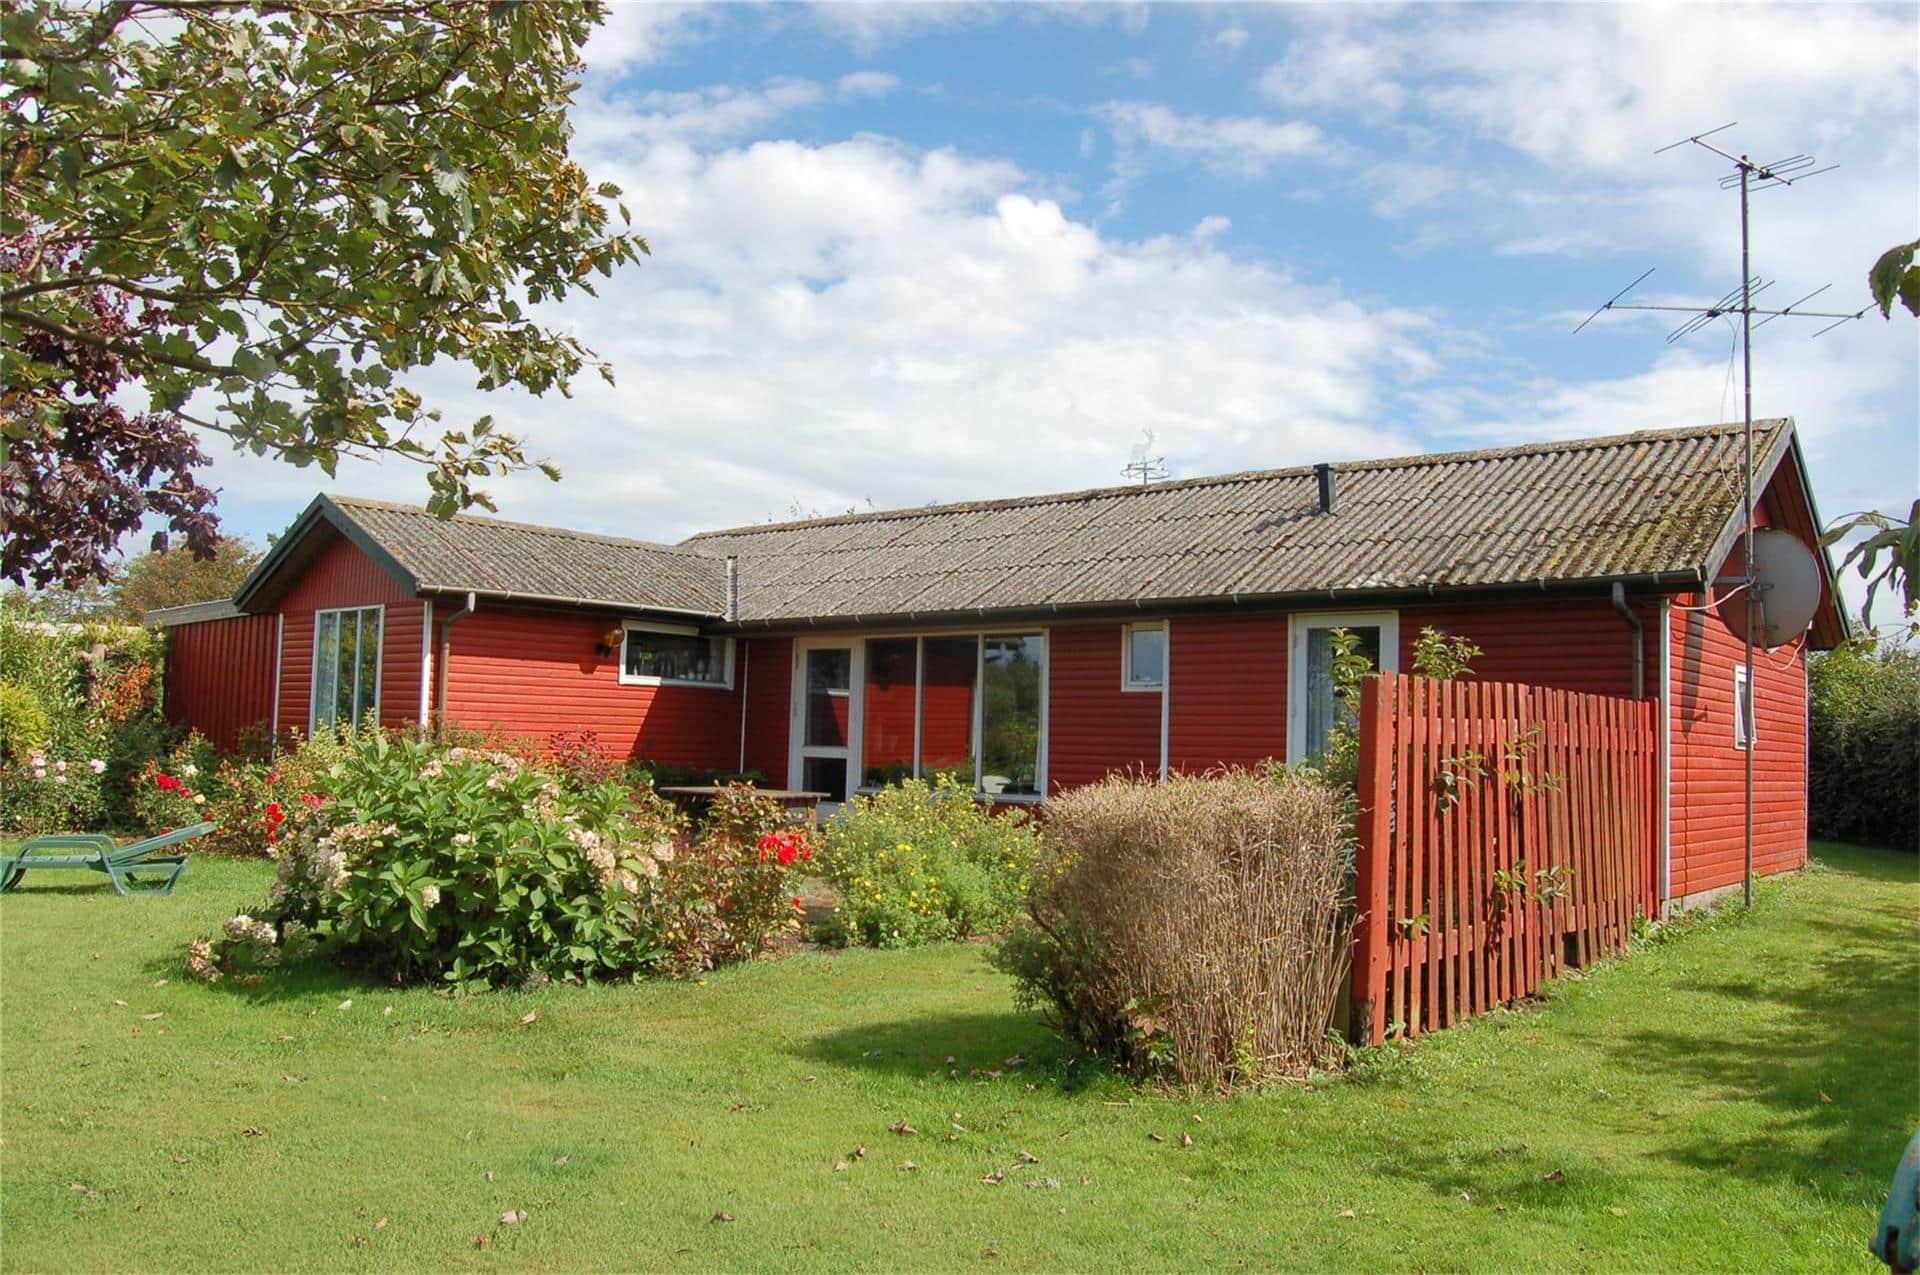 Billede 1-3 Sommerhus M64189, Fyrrevænget 16, DK - 5400 Bogense